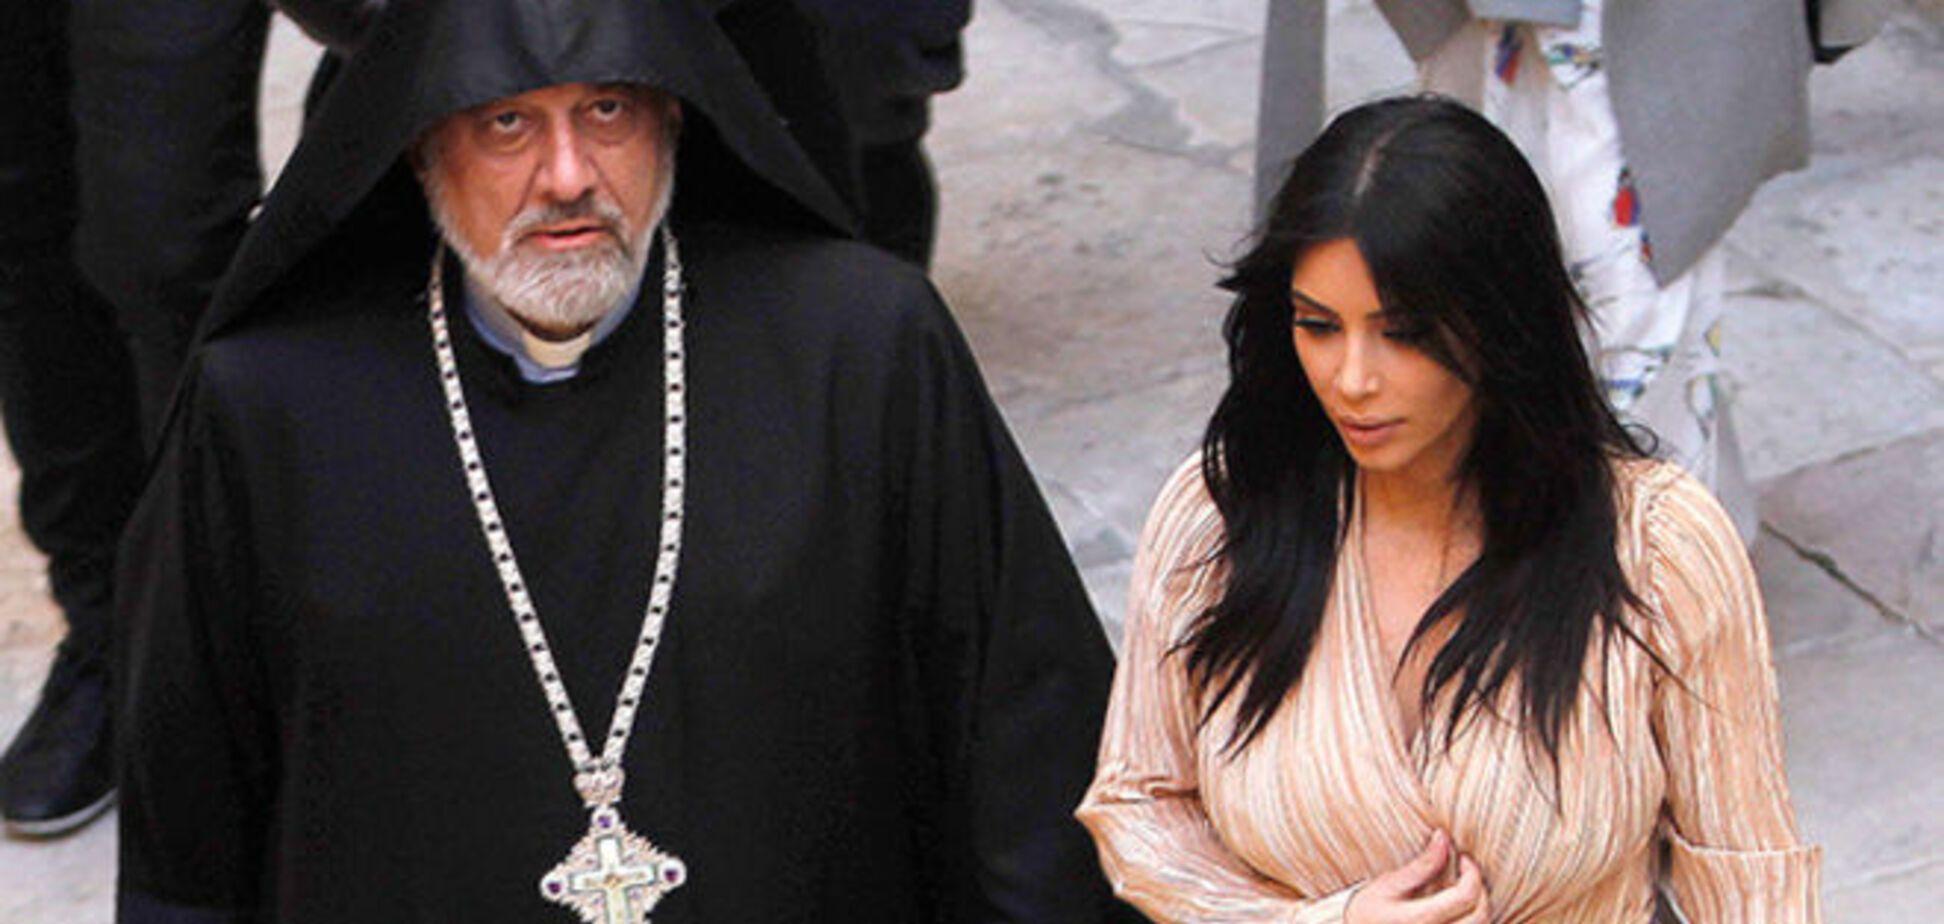 Ким Кардашьян угодила в скандал на религиозной почве в Израиле